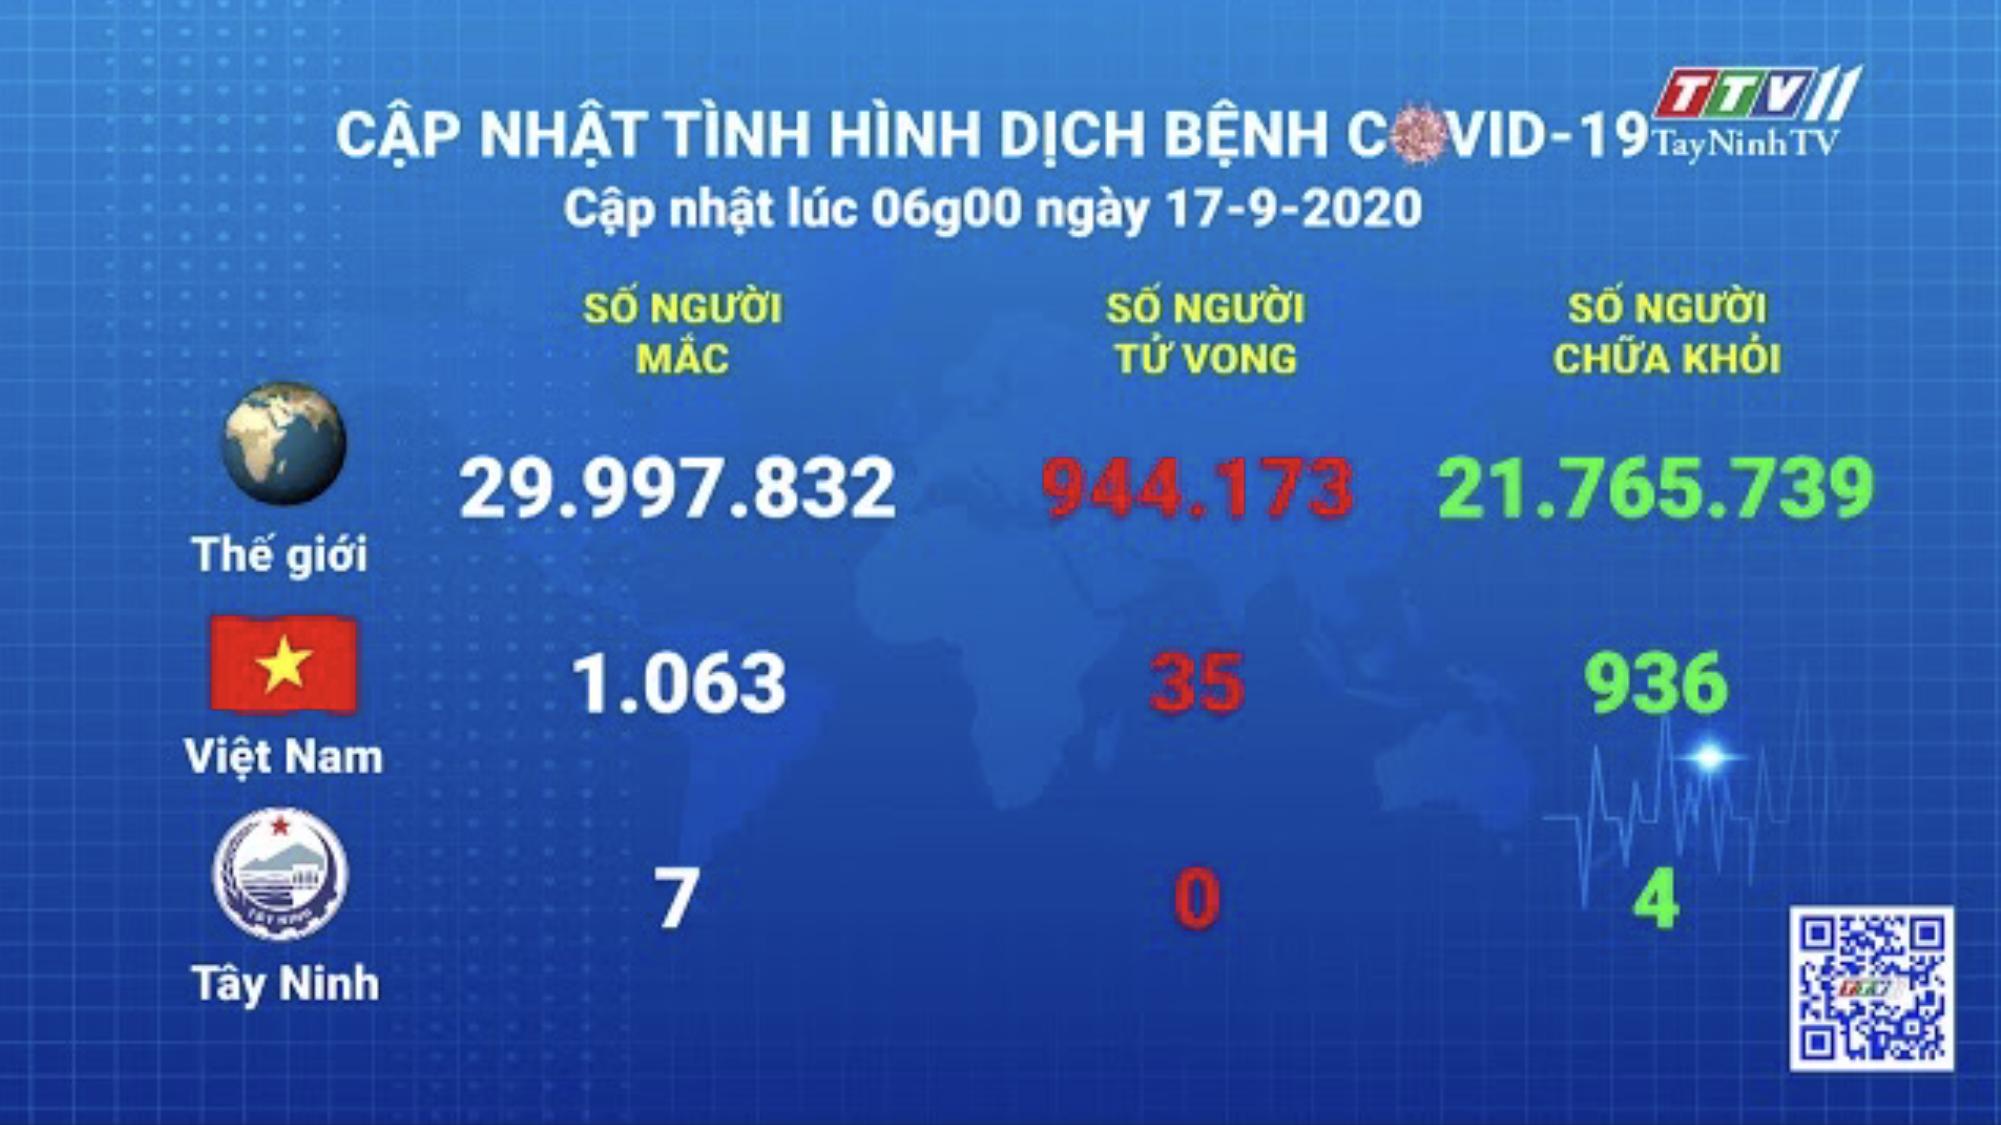 Cập nhật tình hình Covid-19 vào lúc 06 giờ 17-9-2020 | Thông tin dịch Covid-19 | TayNinhTV